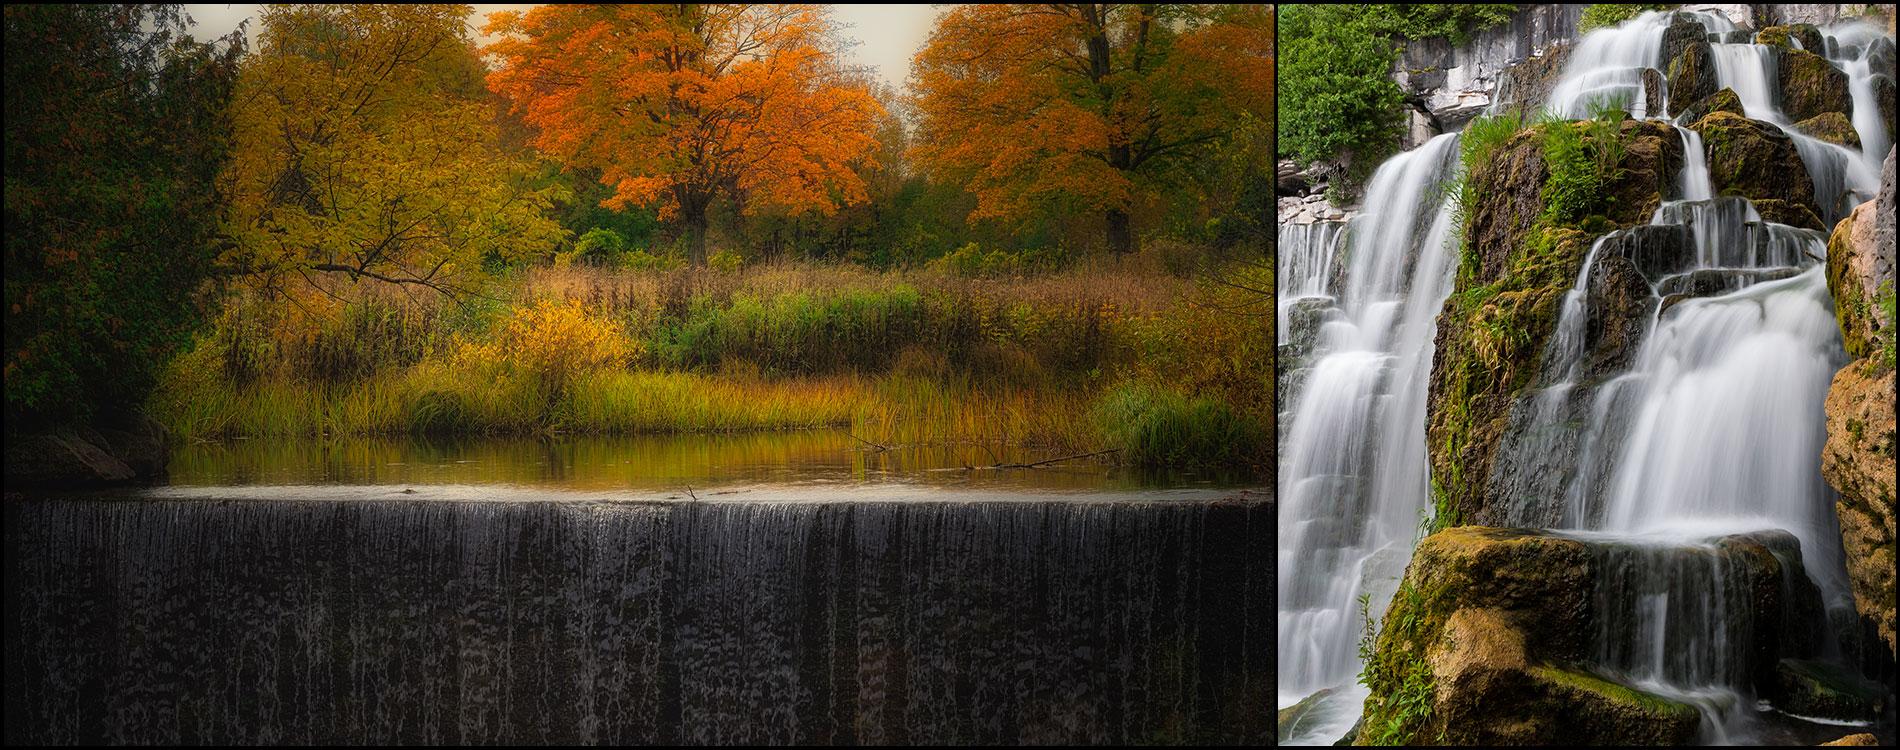 waterfalls2_1900x750